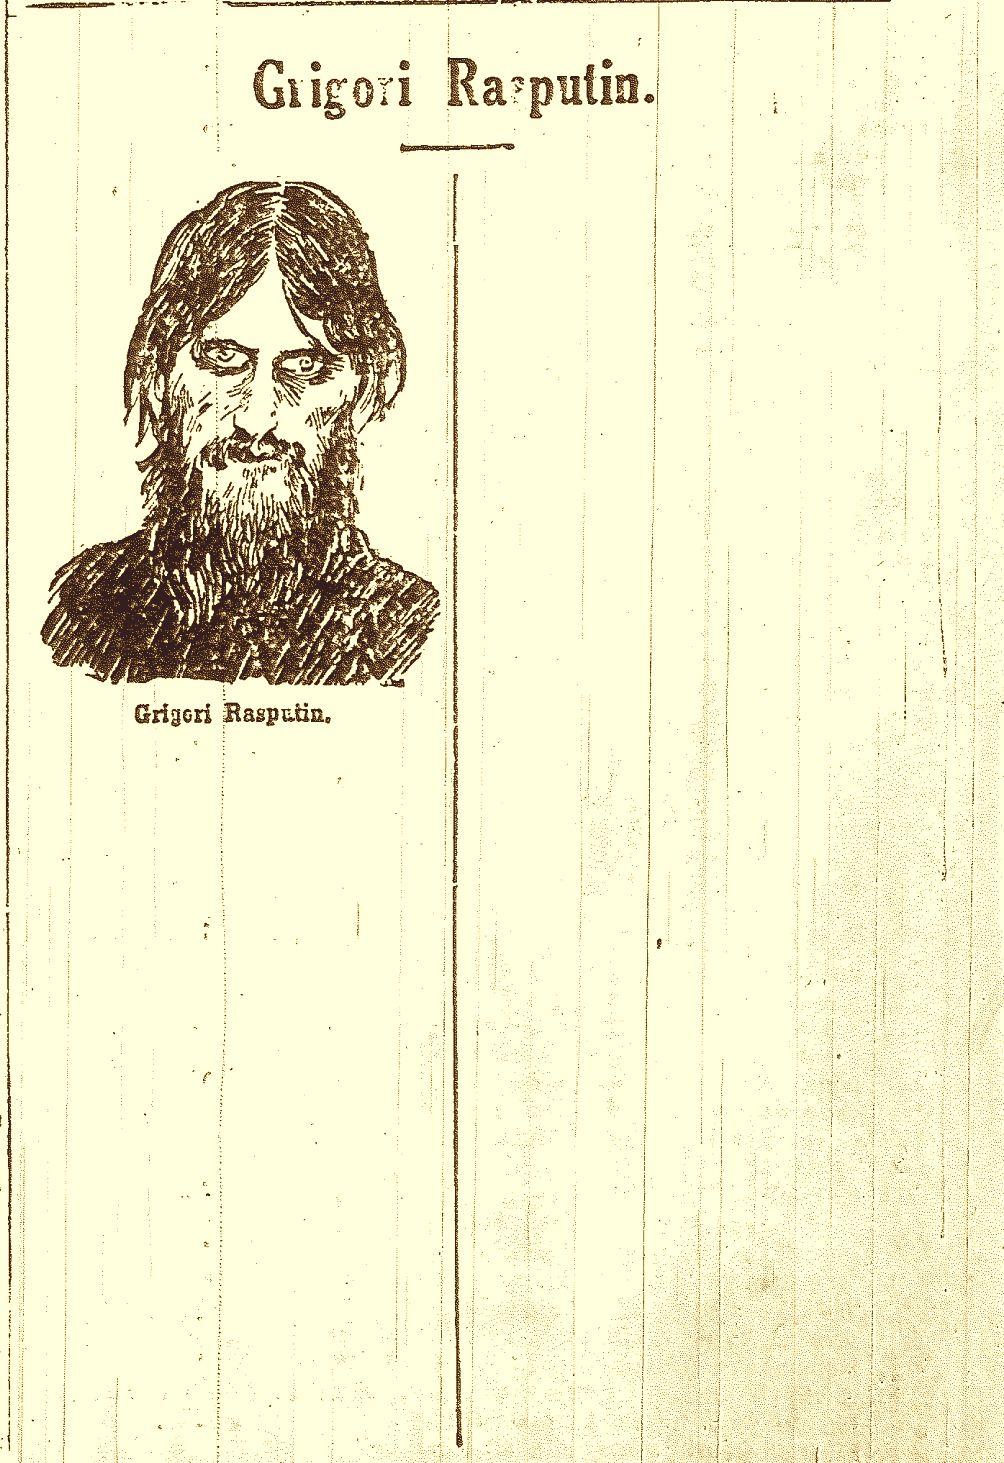 Sensuuri jätti Uuden Suomettaren 6.1.1917 ilmestyneestä Grigori Rasputinia käsittelevän artikkelin alusta jäljelle vain otsikon ja piirroskuvan.